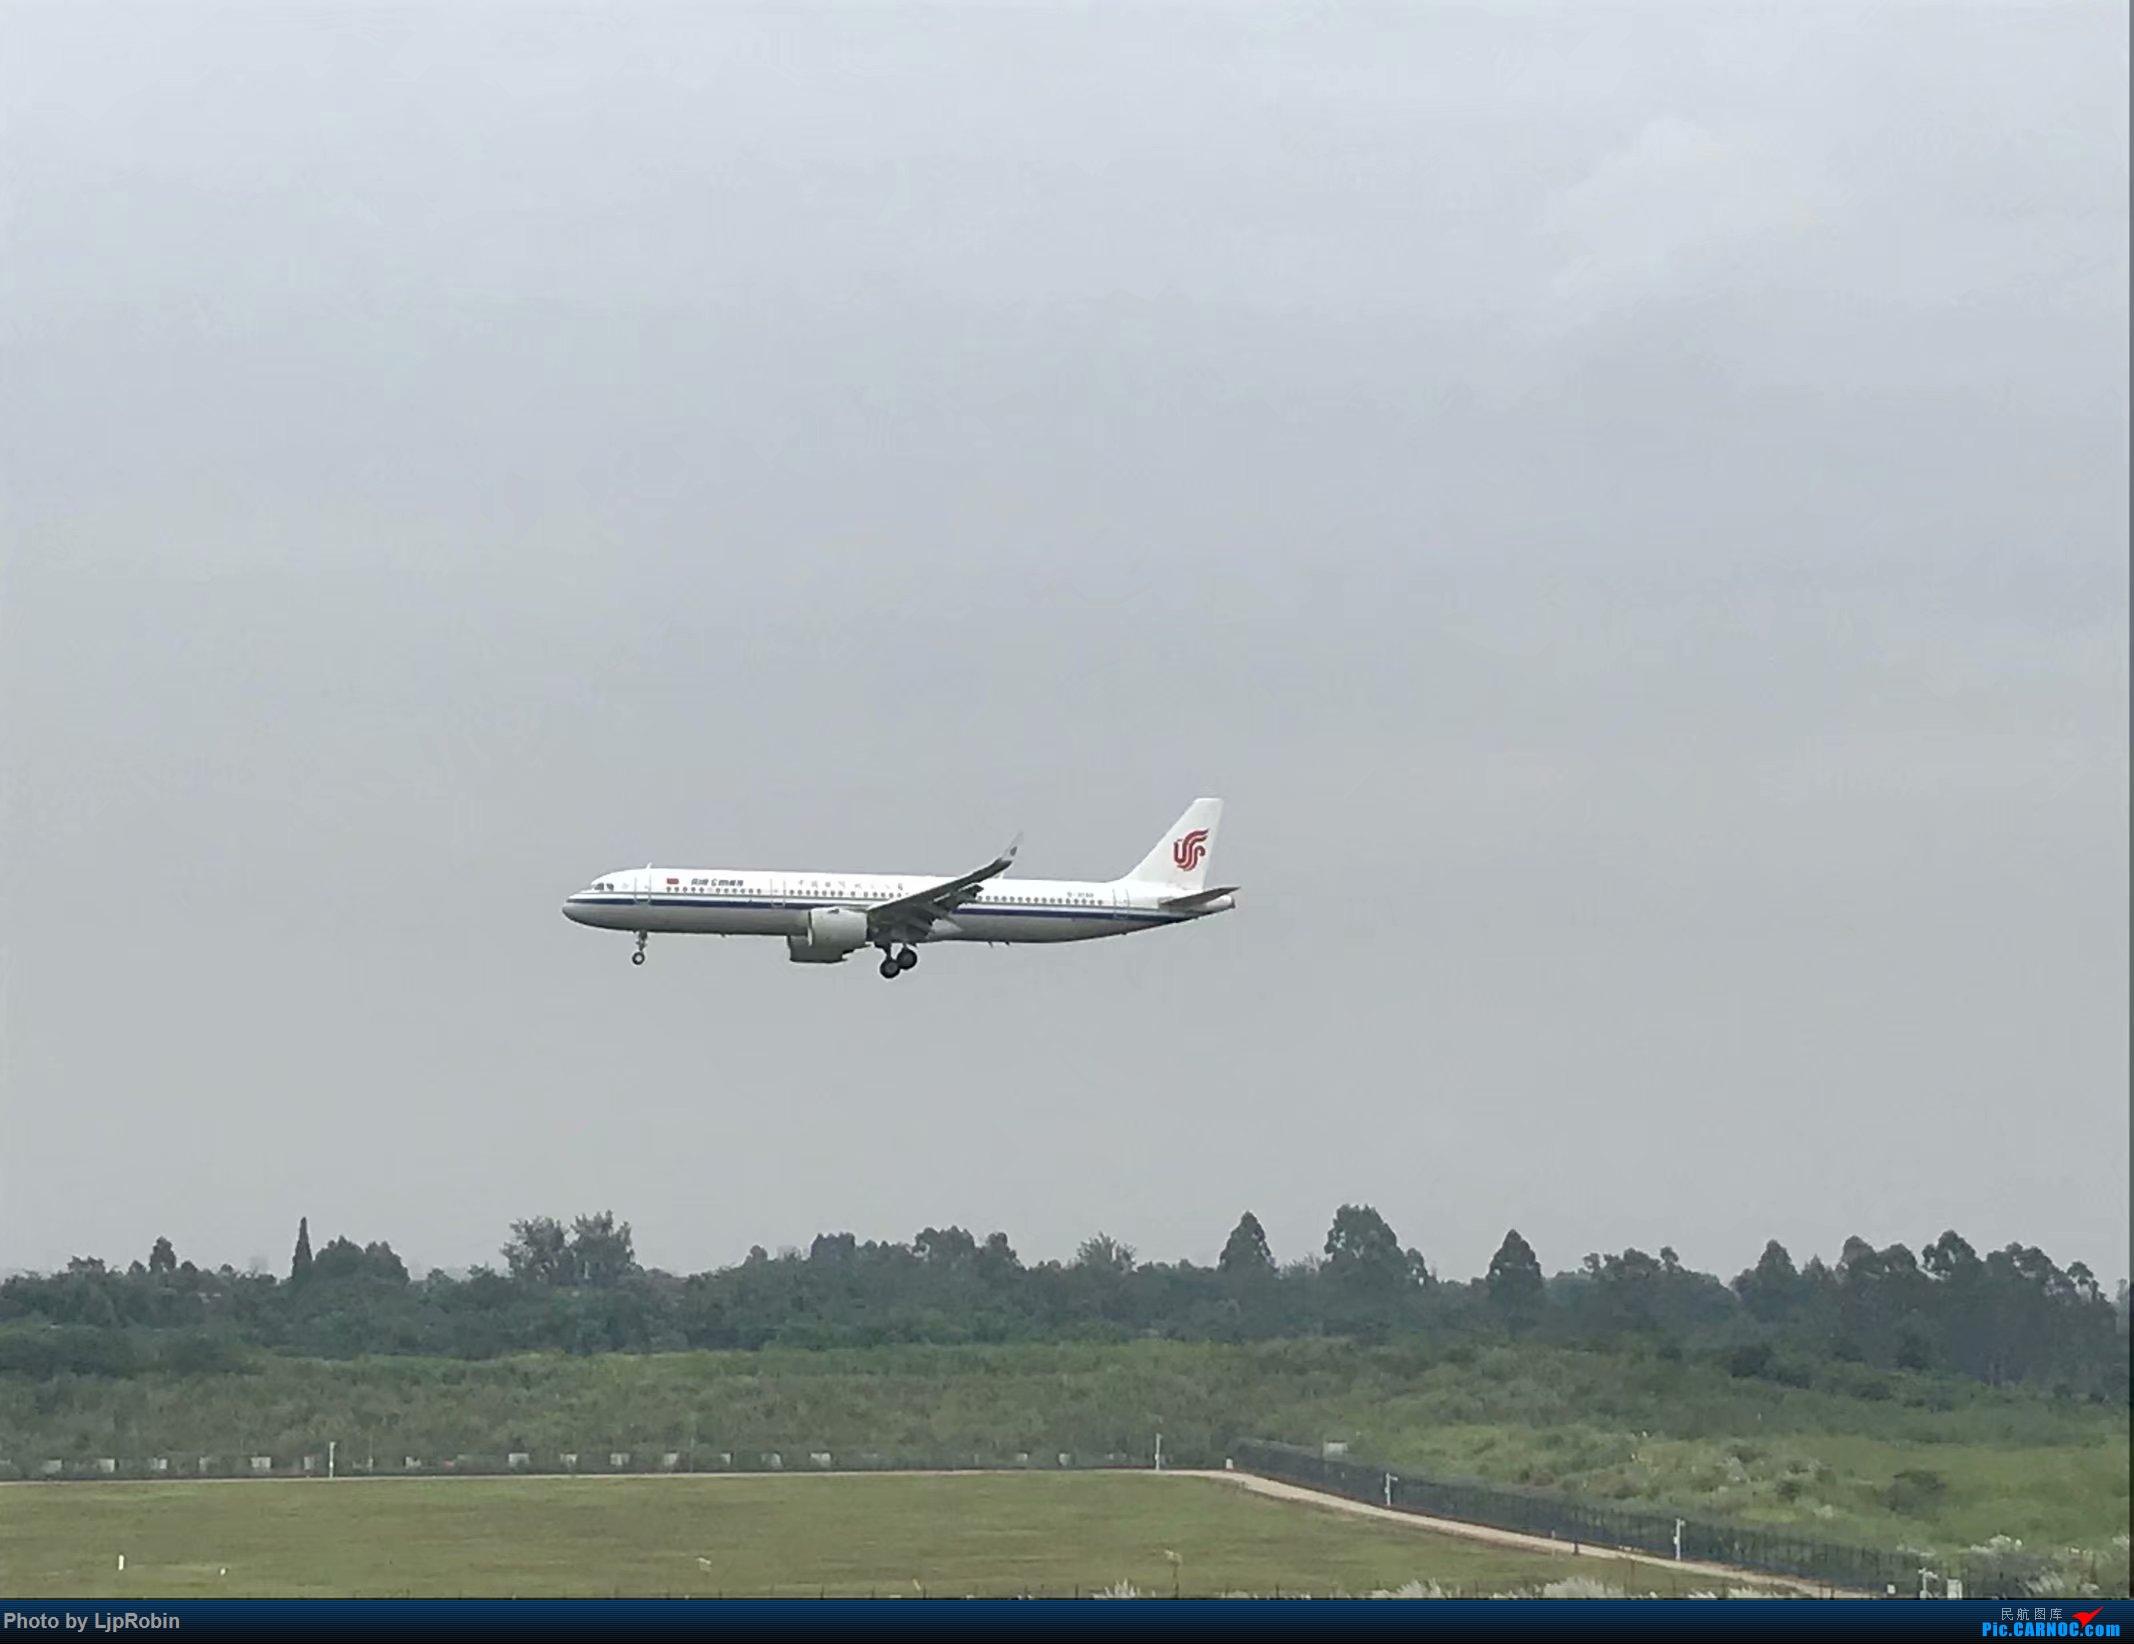 [原创]CTU拍机,新人首发。希望各位大佬多多支持 AIRBUS A321NEO  双流机场T2观景台